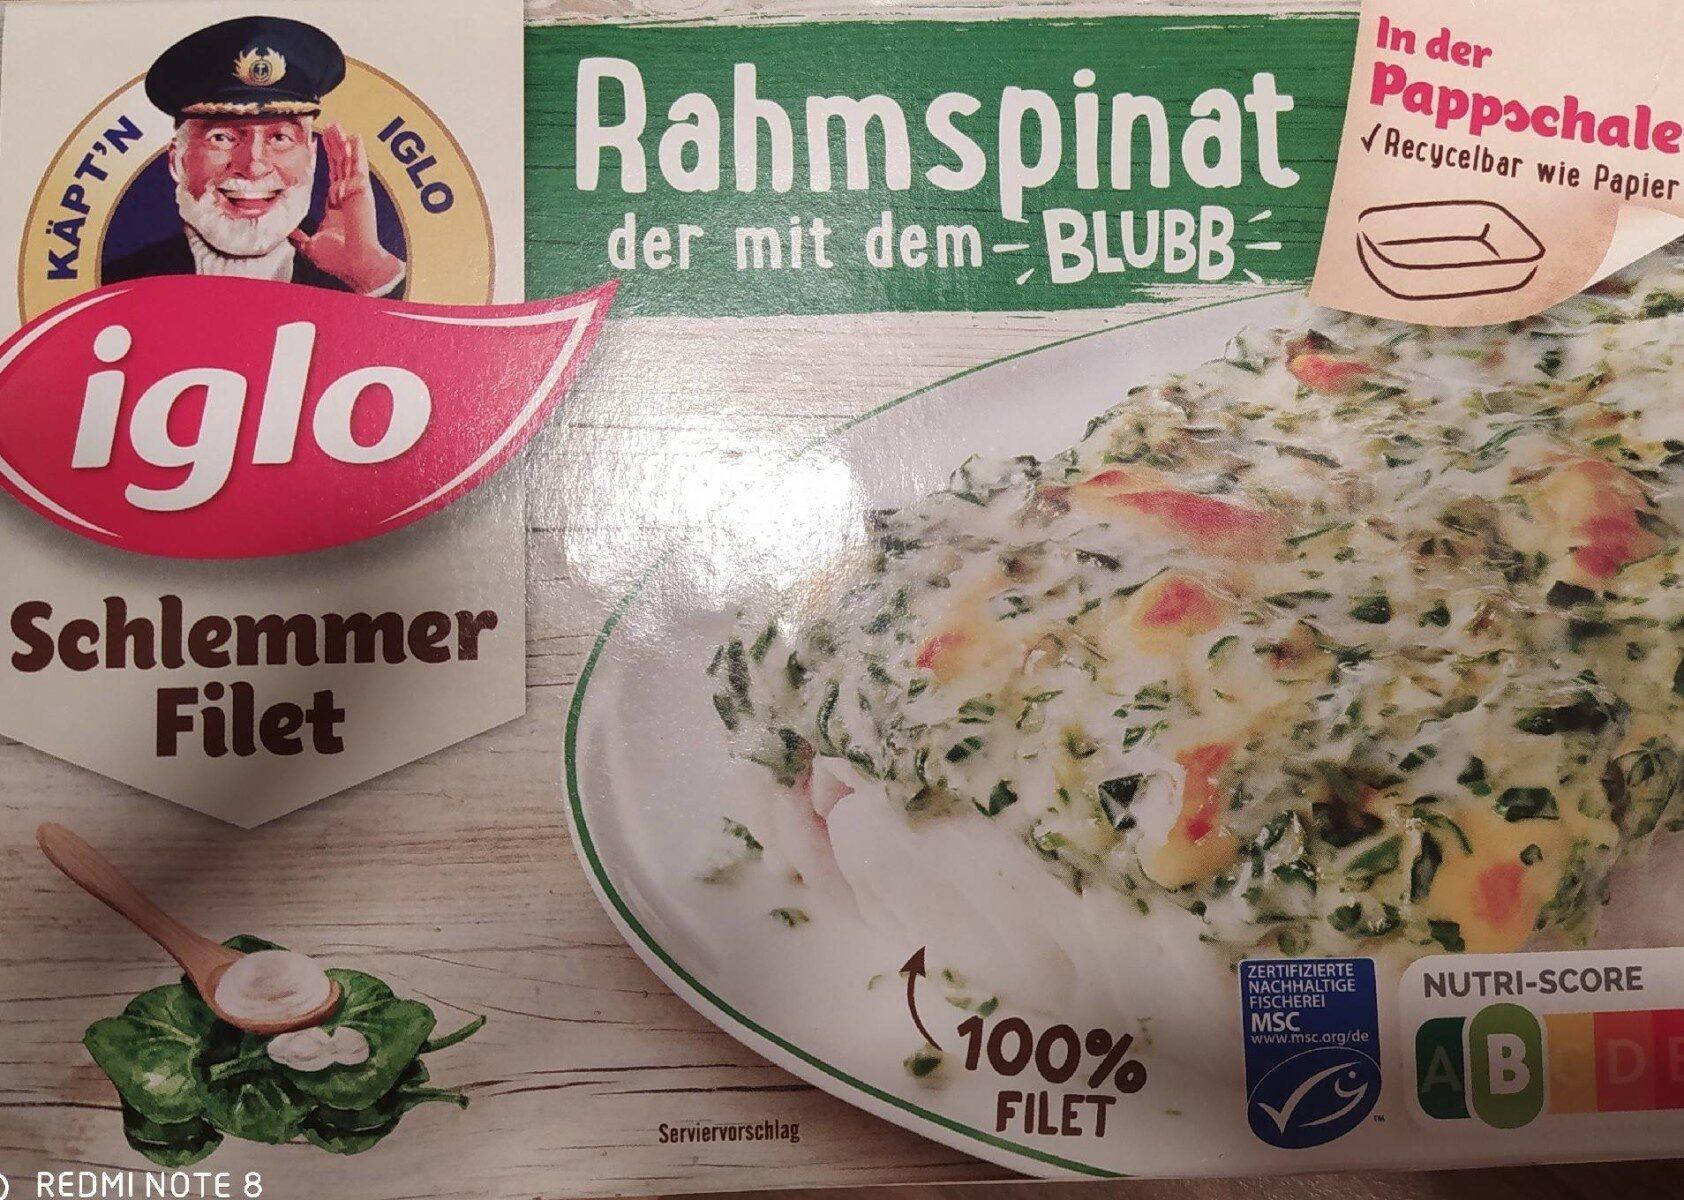 Schlemmer-Filet Rahmspinat - Der mit dem Blubb - Produit - de